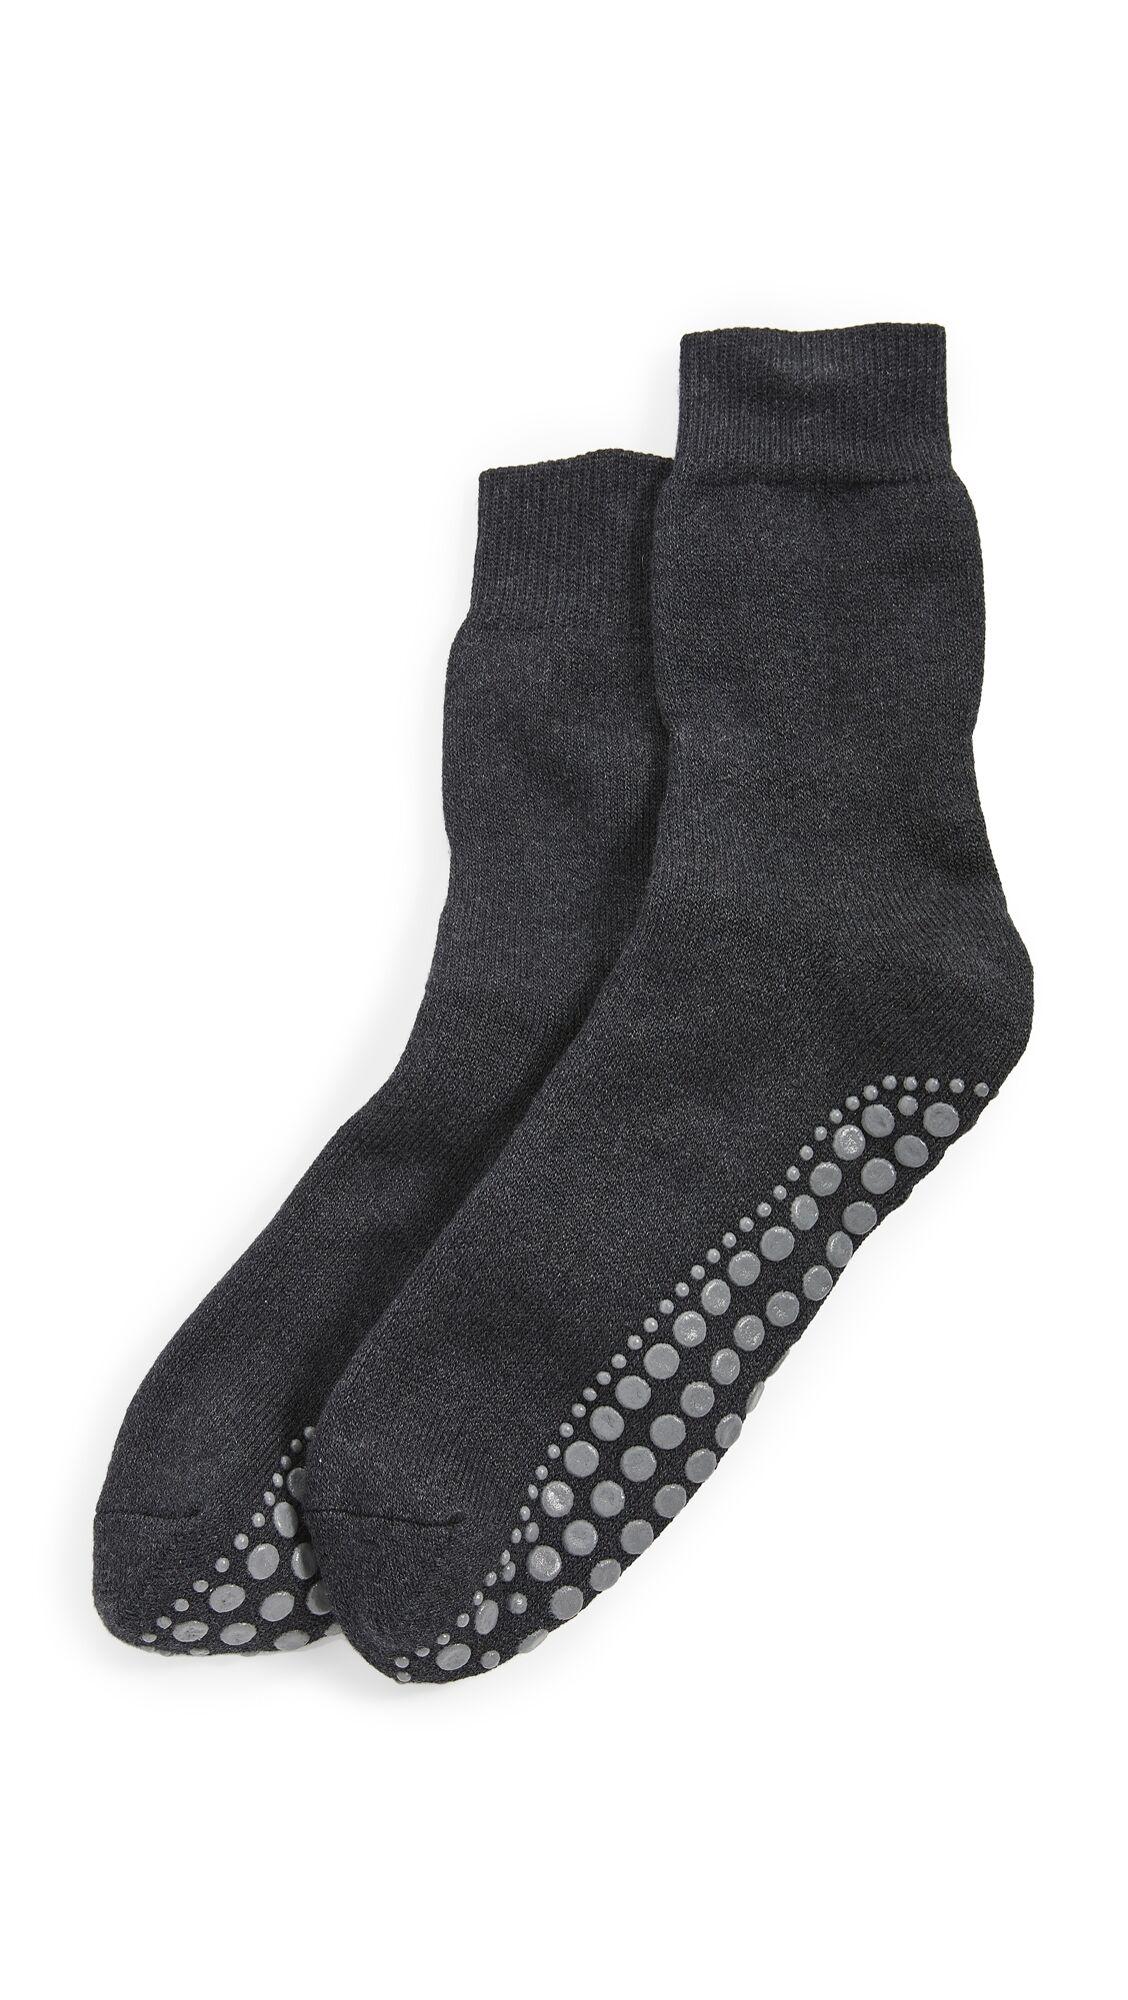 Falke Homepads SO Crew Socks - Asphalt Melange - Size: 39-42